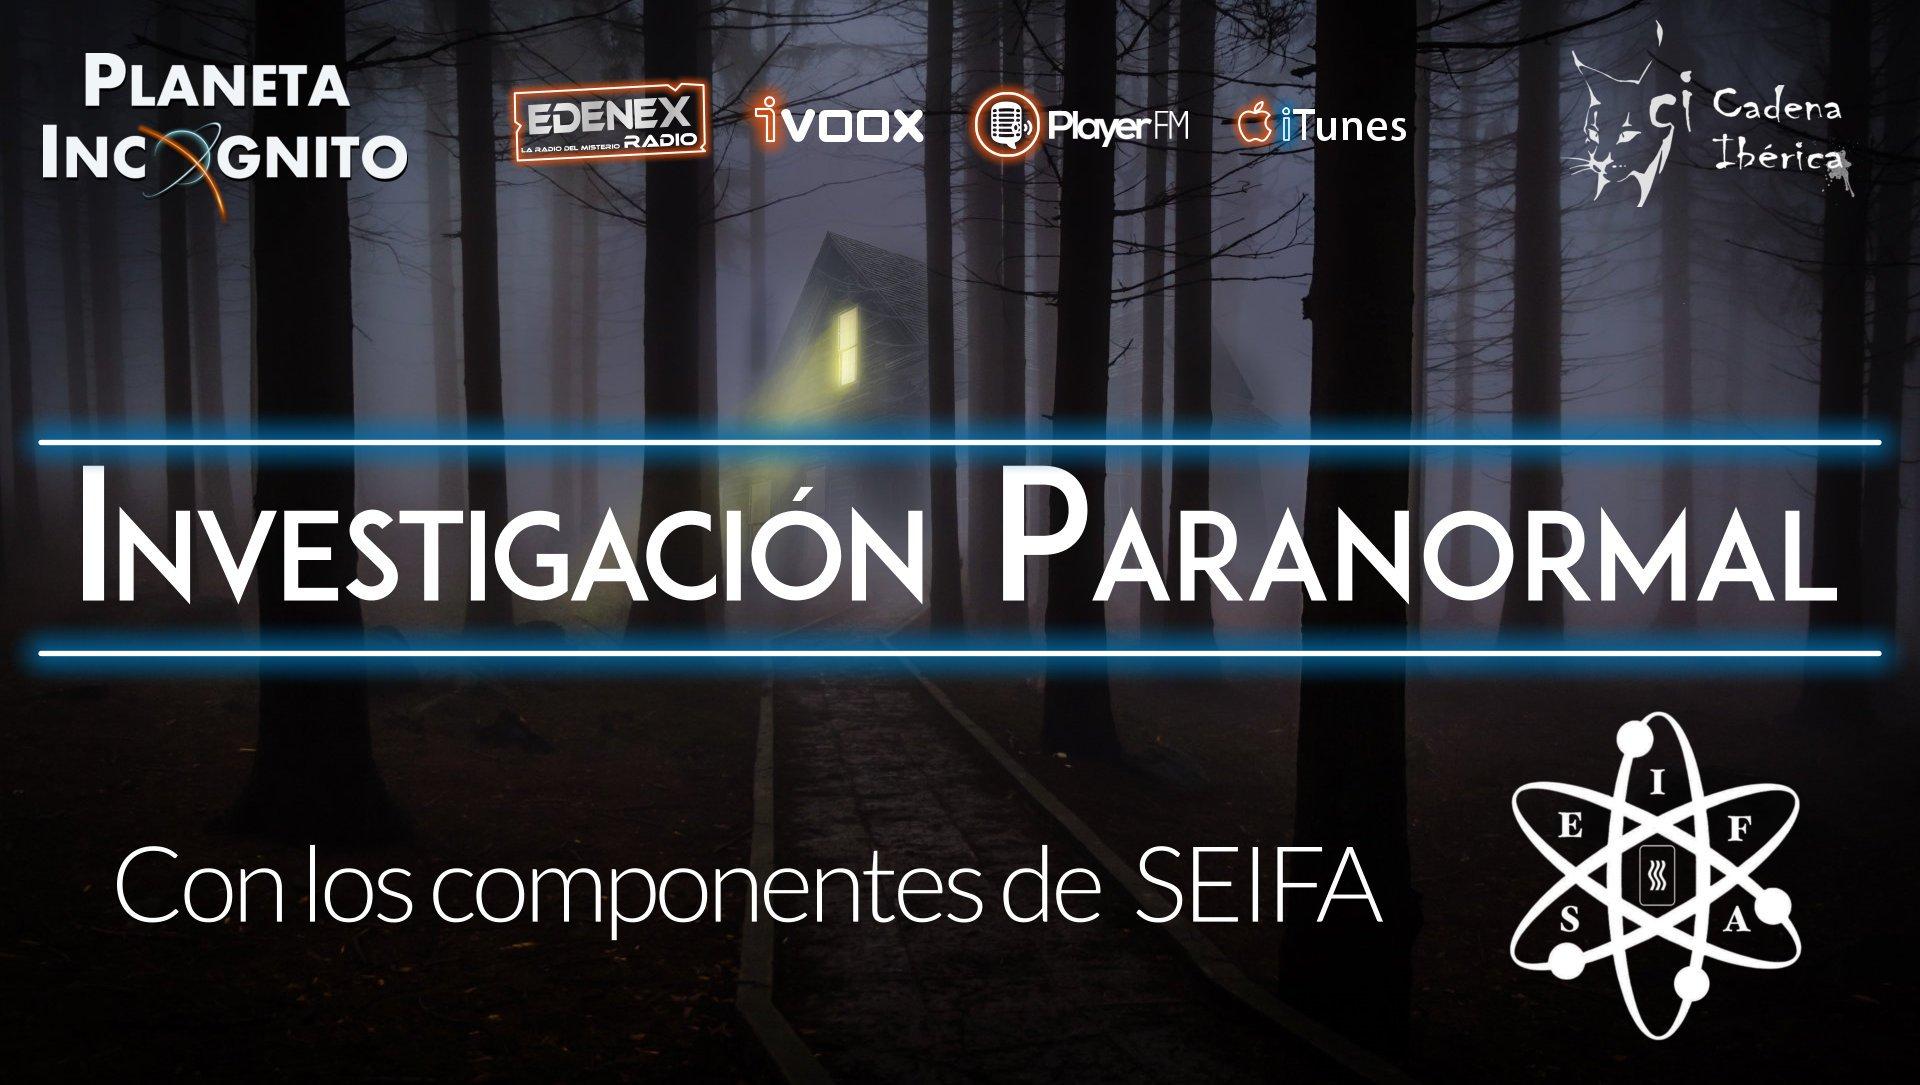 Investigación paranormal y parapsicológica: Entrevista a miembros de SEIFA (radio) 8